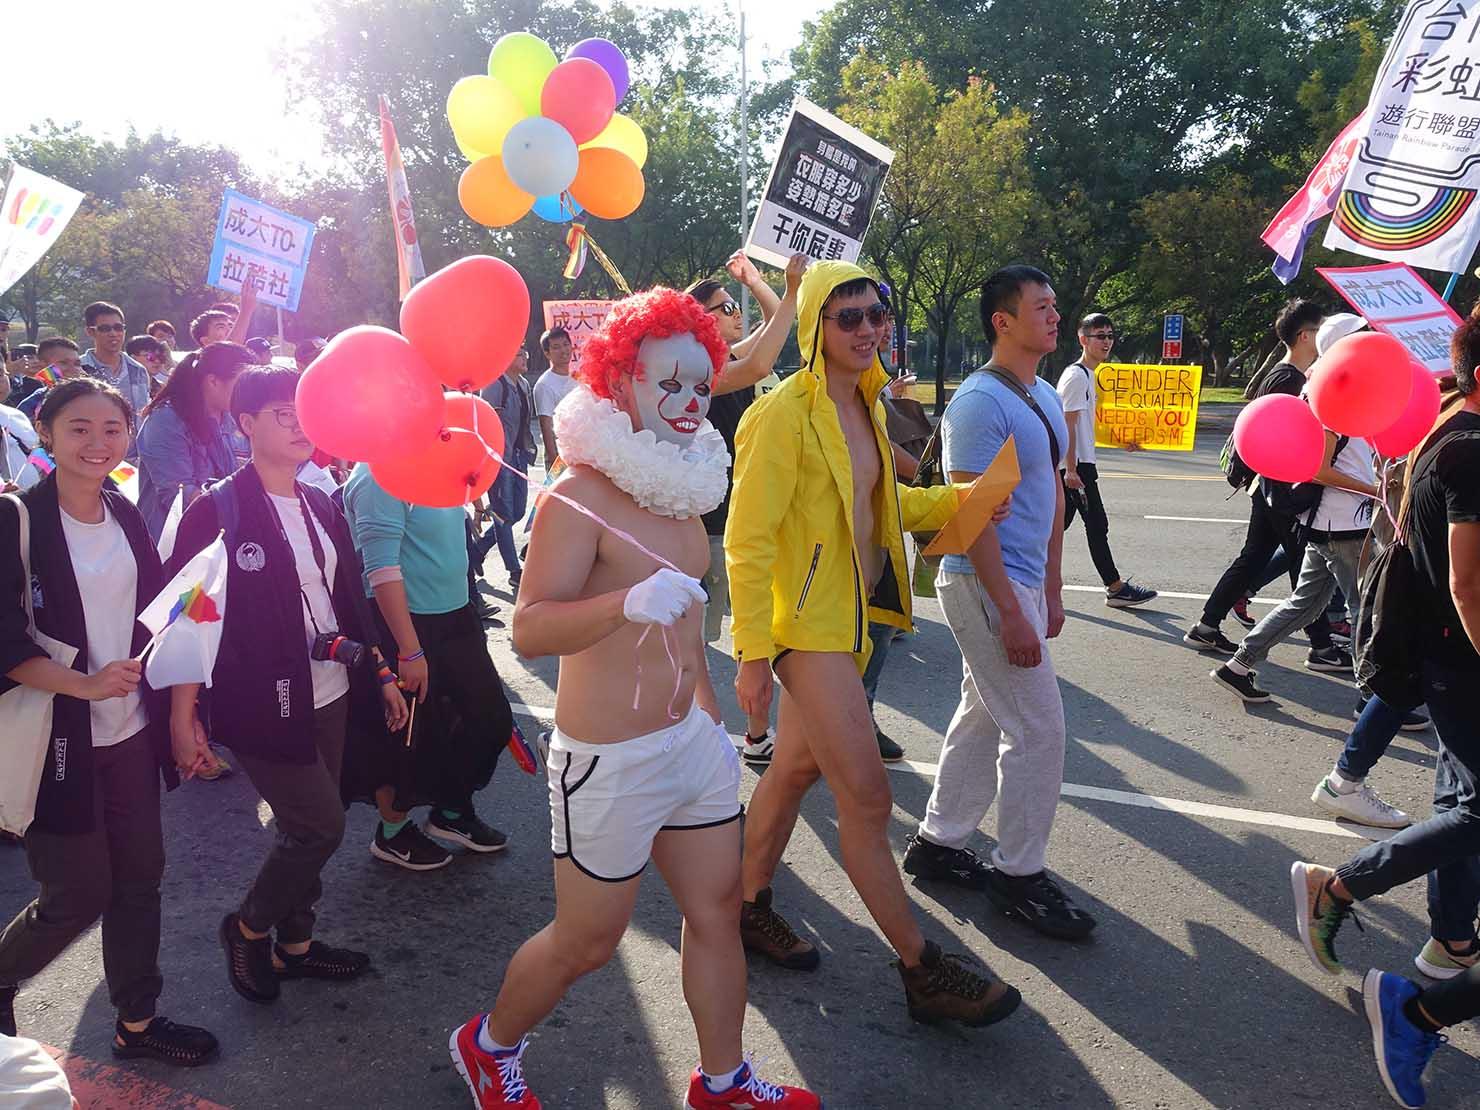 高雄同志大遊行(高雄レインボーパレード)2017でコスチュームを身につけて歩く参加者